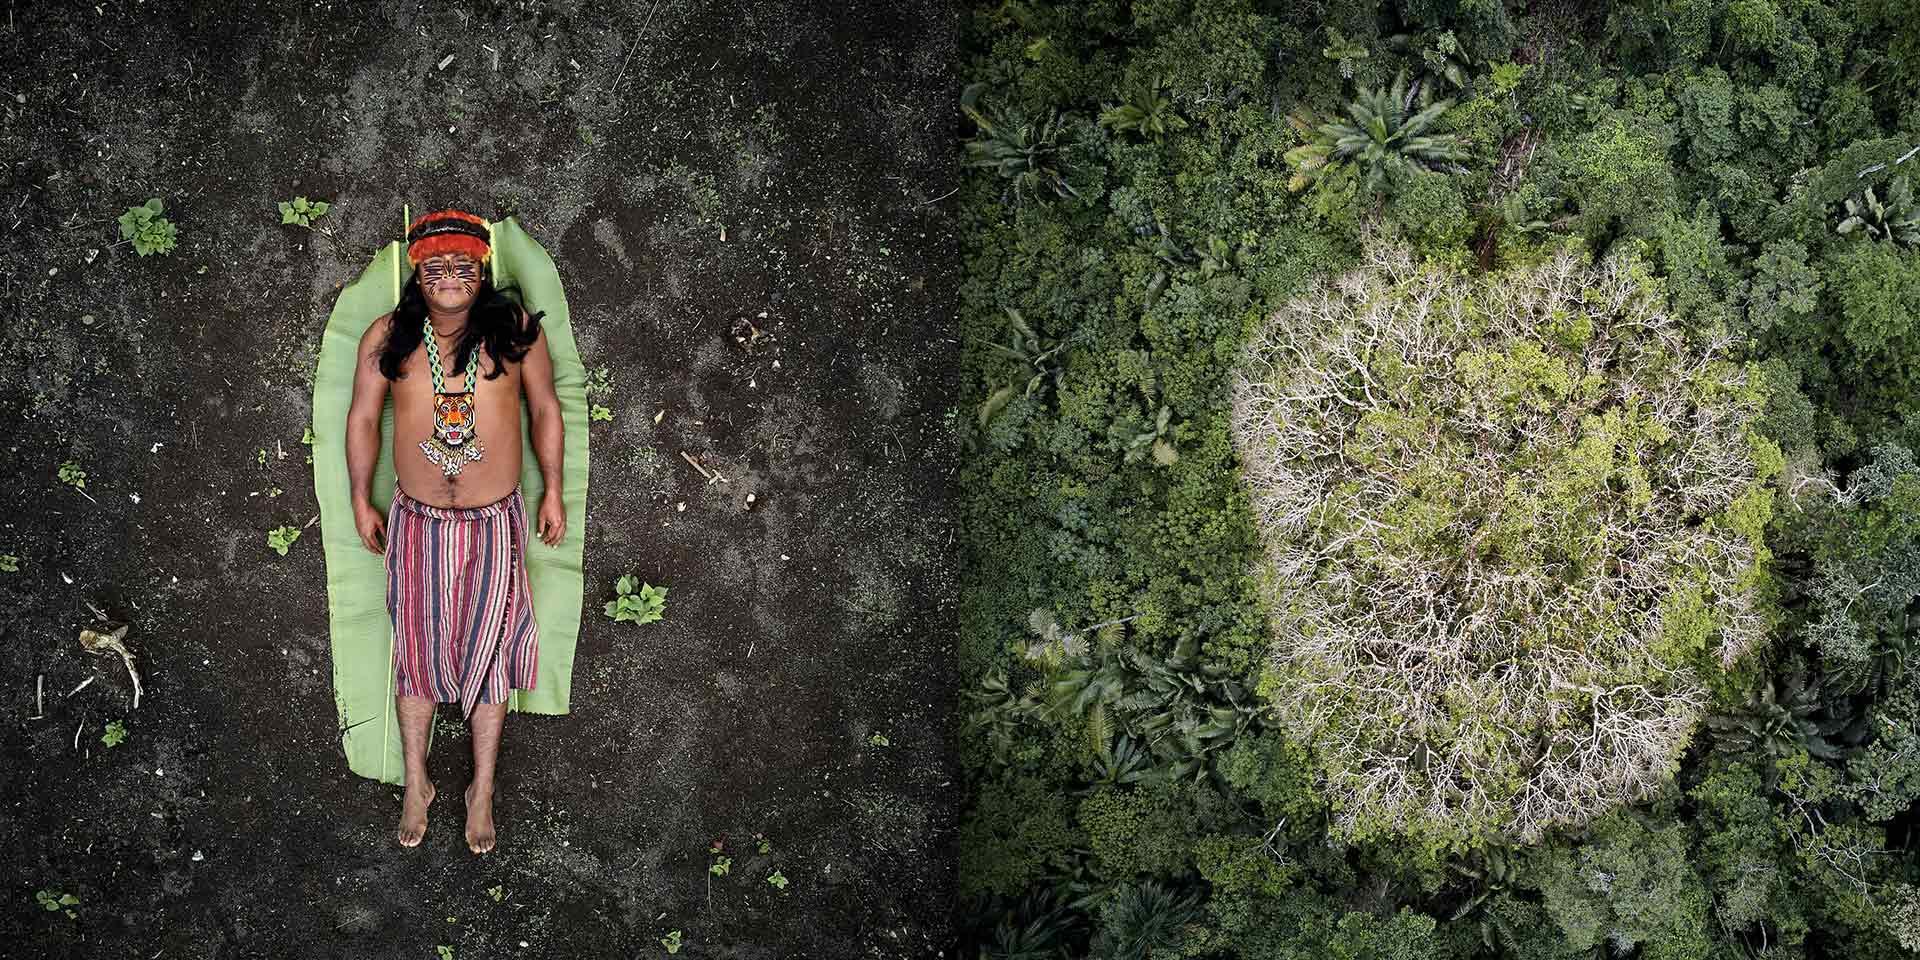 Una Persona sdraiata a terra con accanto una foresta